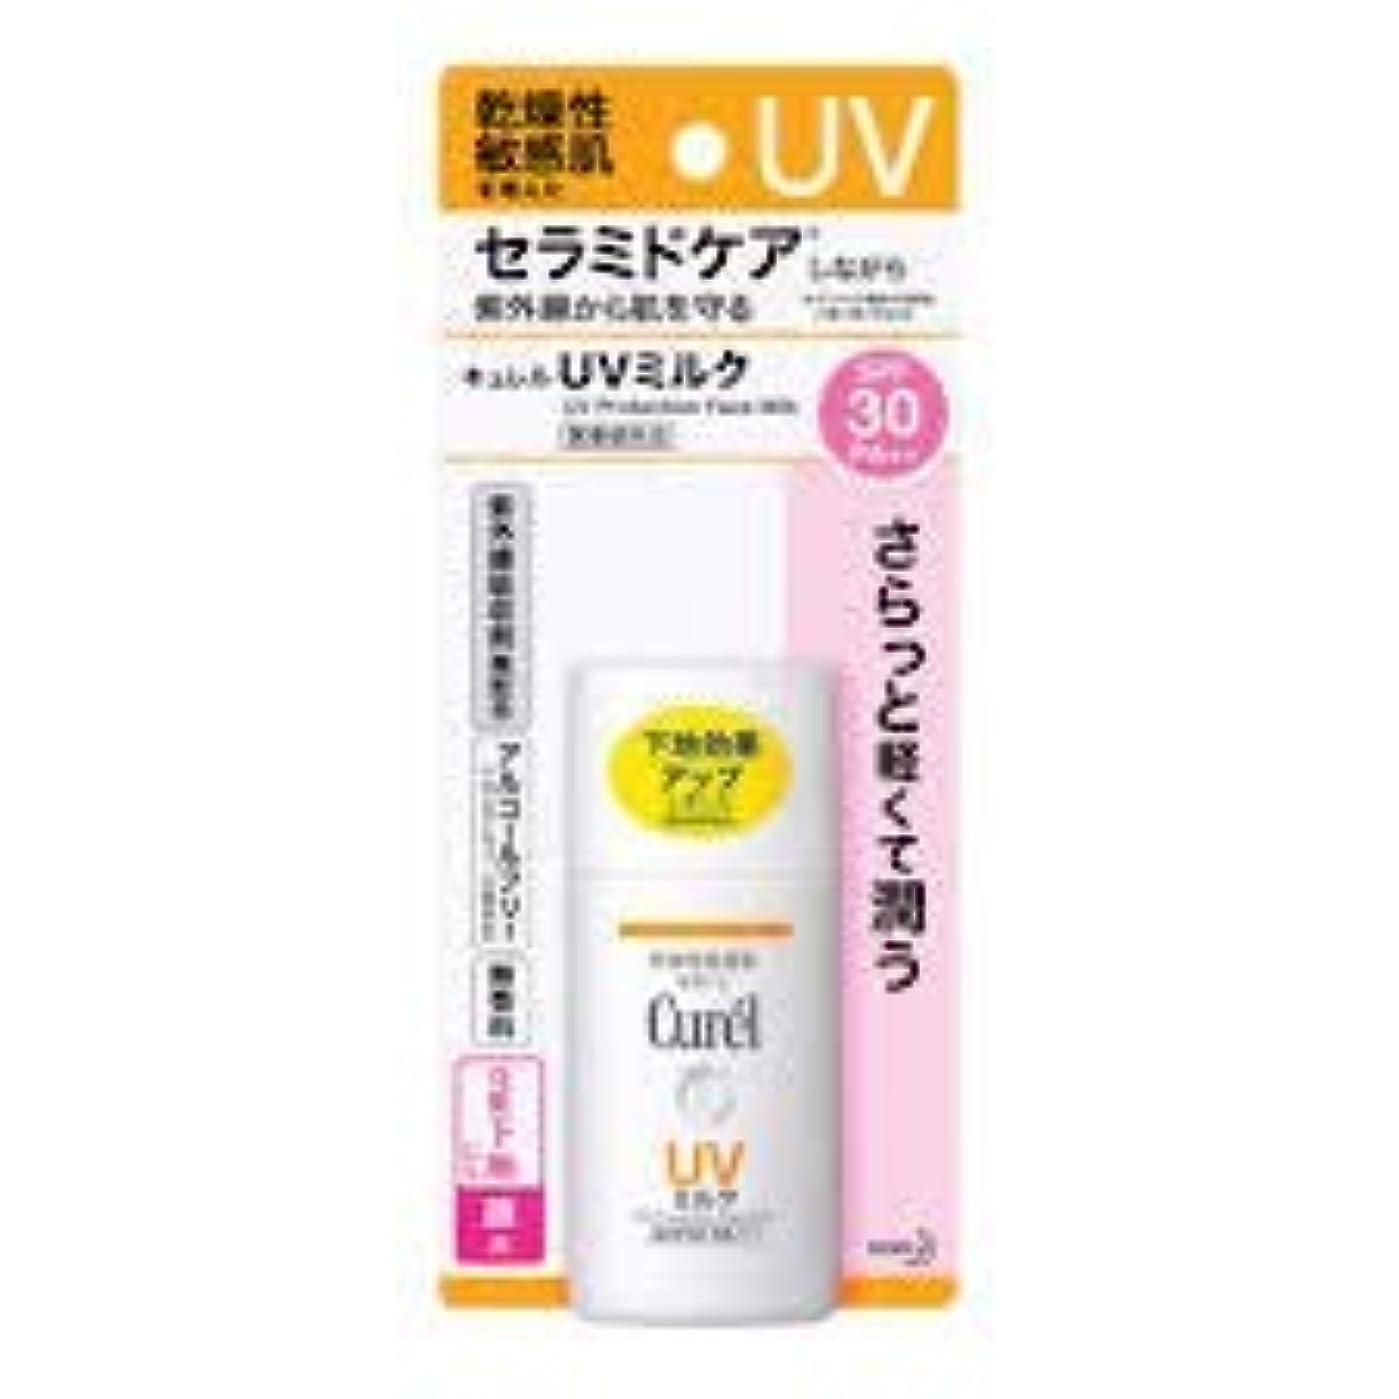 銛中古作業Curél キュレルUVプロテクトミルク顔SPF3030のグラム - 皮膚に紫外線によるダメージを防ぎます